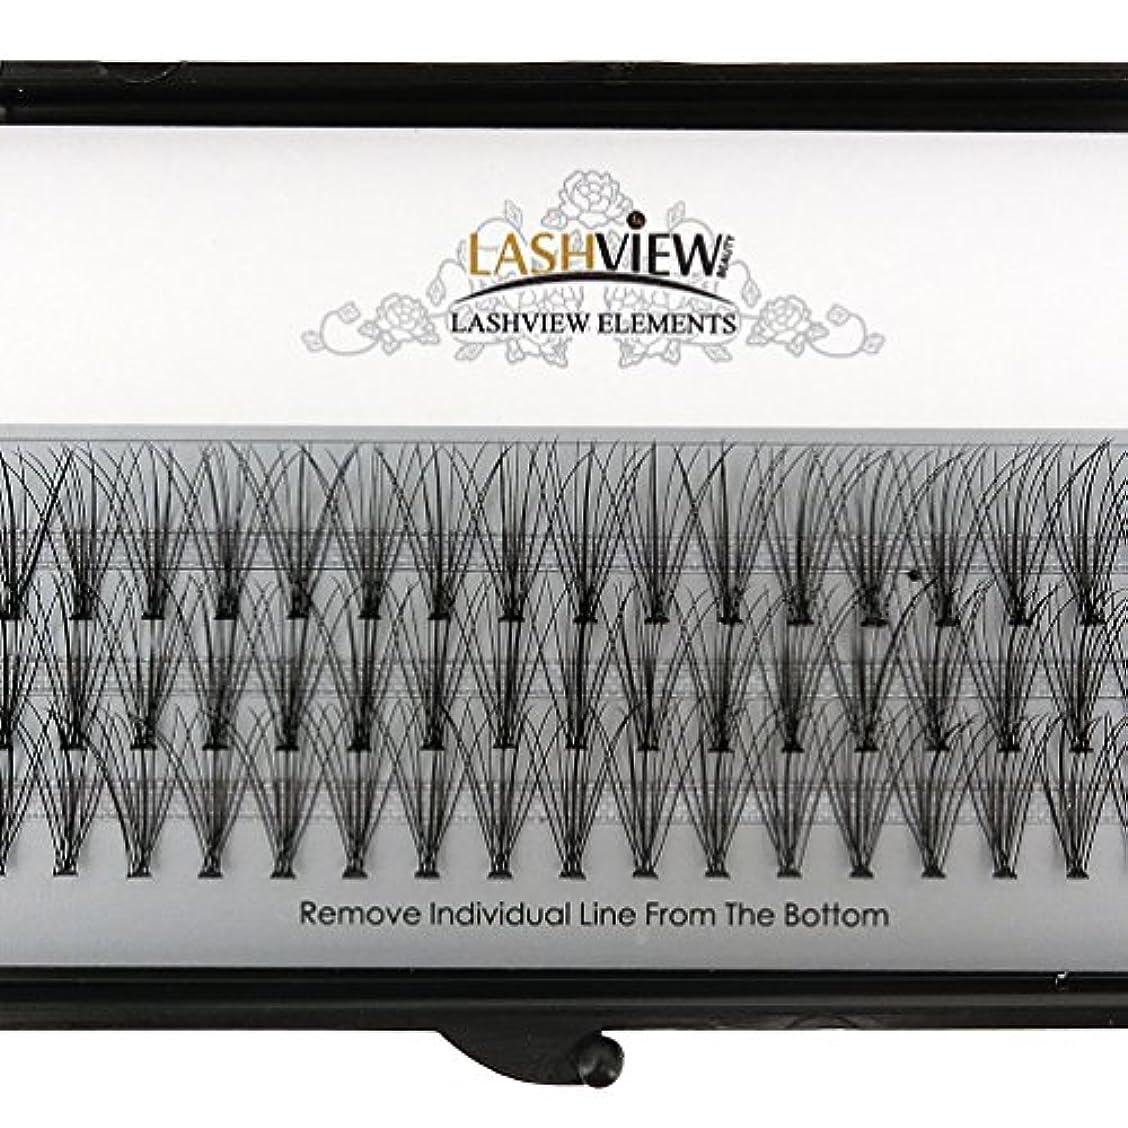 提案普通に振幅LASHVIEW 高品質まつげエクステ太さ0.10mm Cカール フレア セルフ用 素材 10本束12mm マツエク